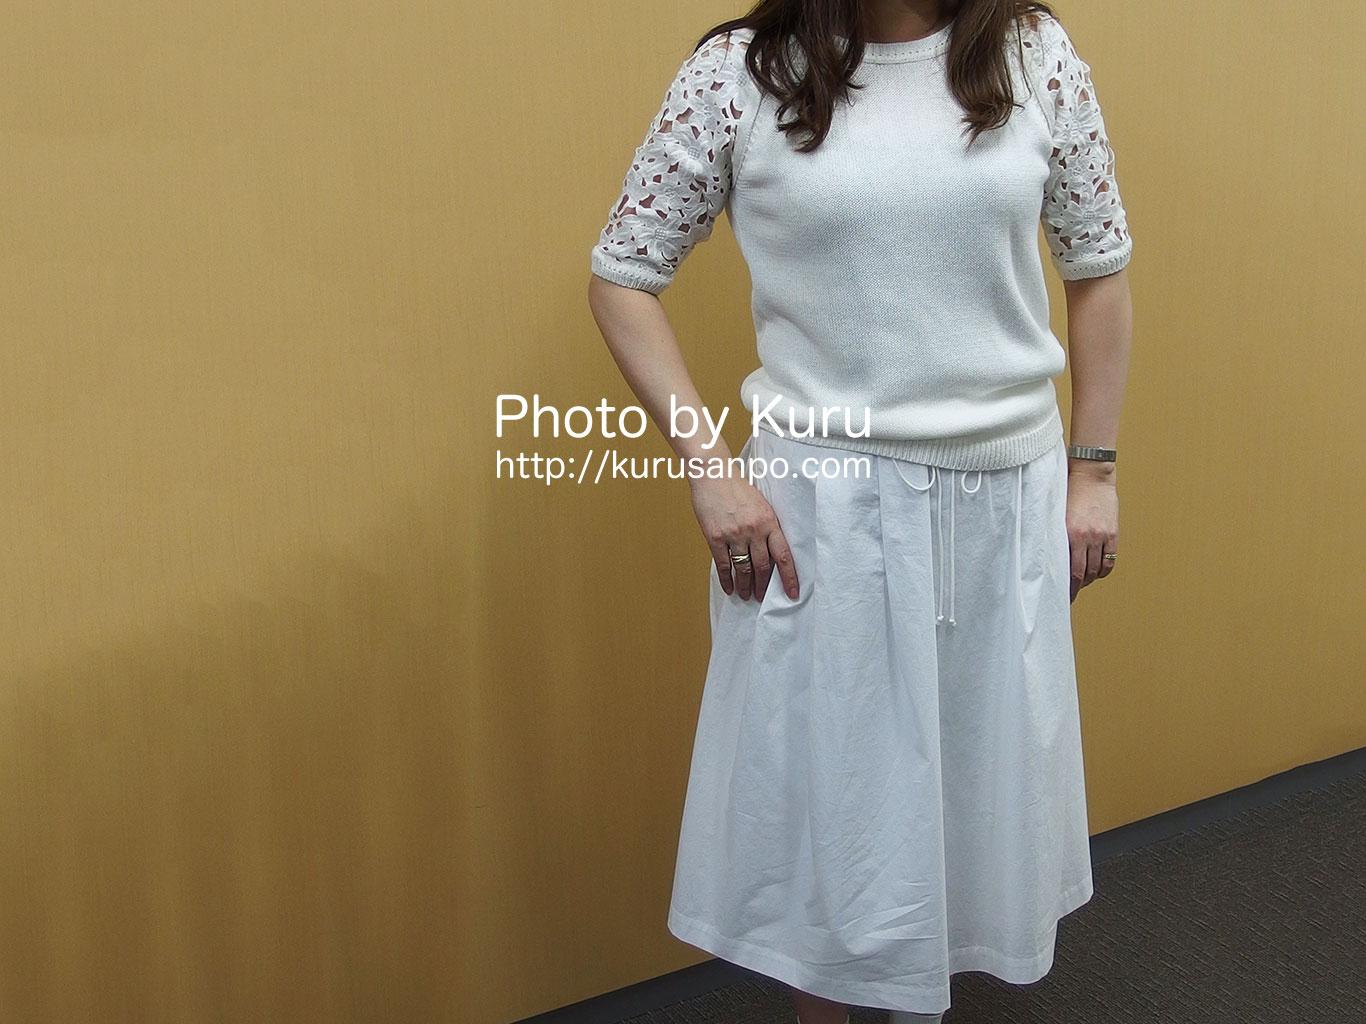 ベルメゾンの黒田知永子さんプロデュース『レースニット』と『ふんわりスカート』が大人可愛い♪